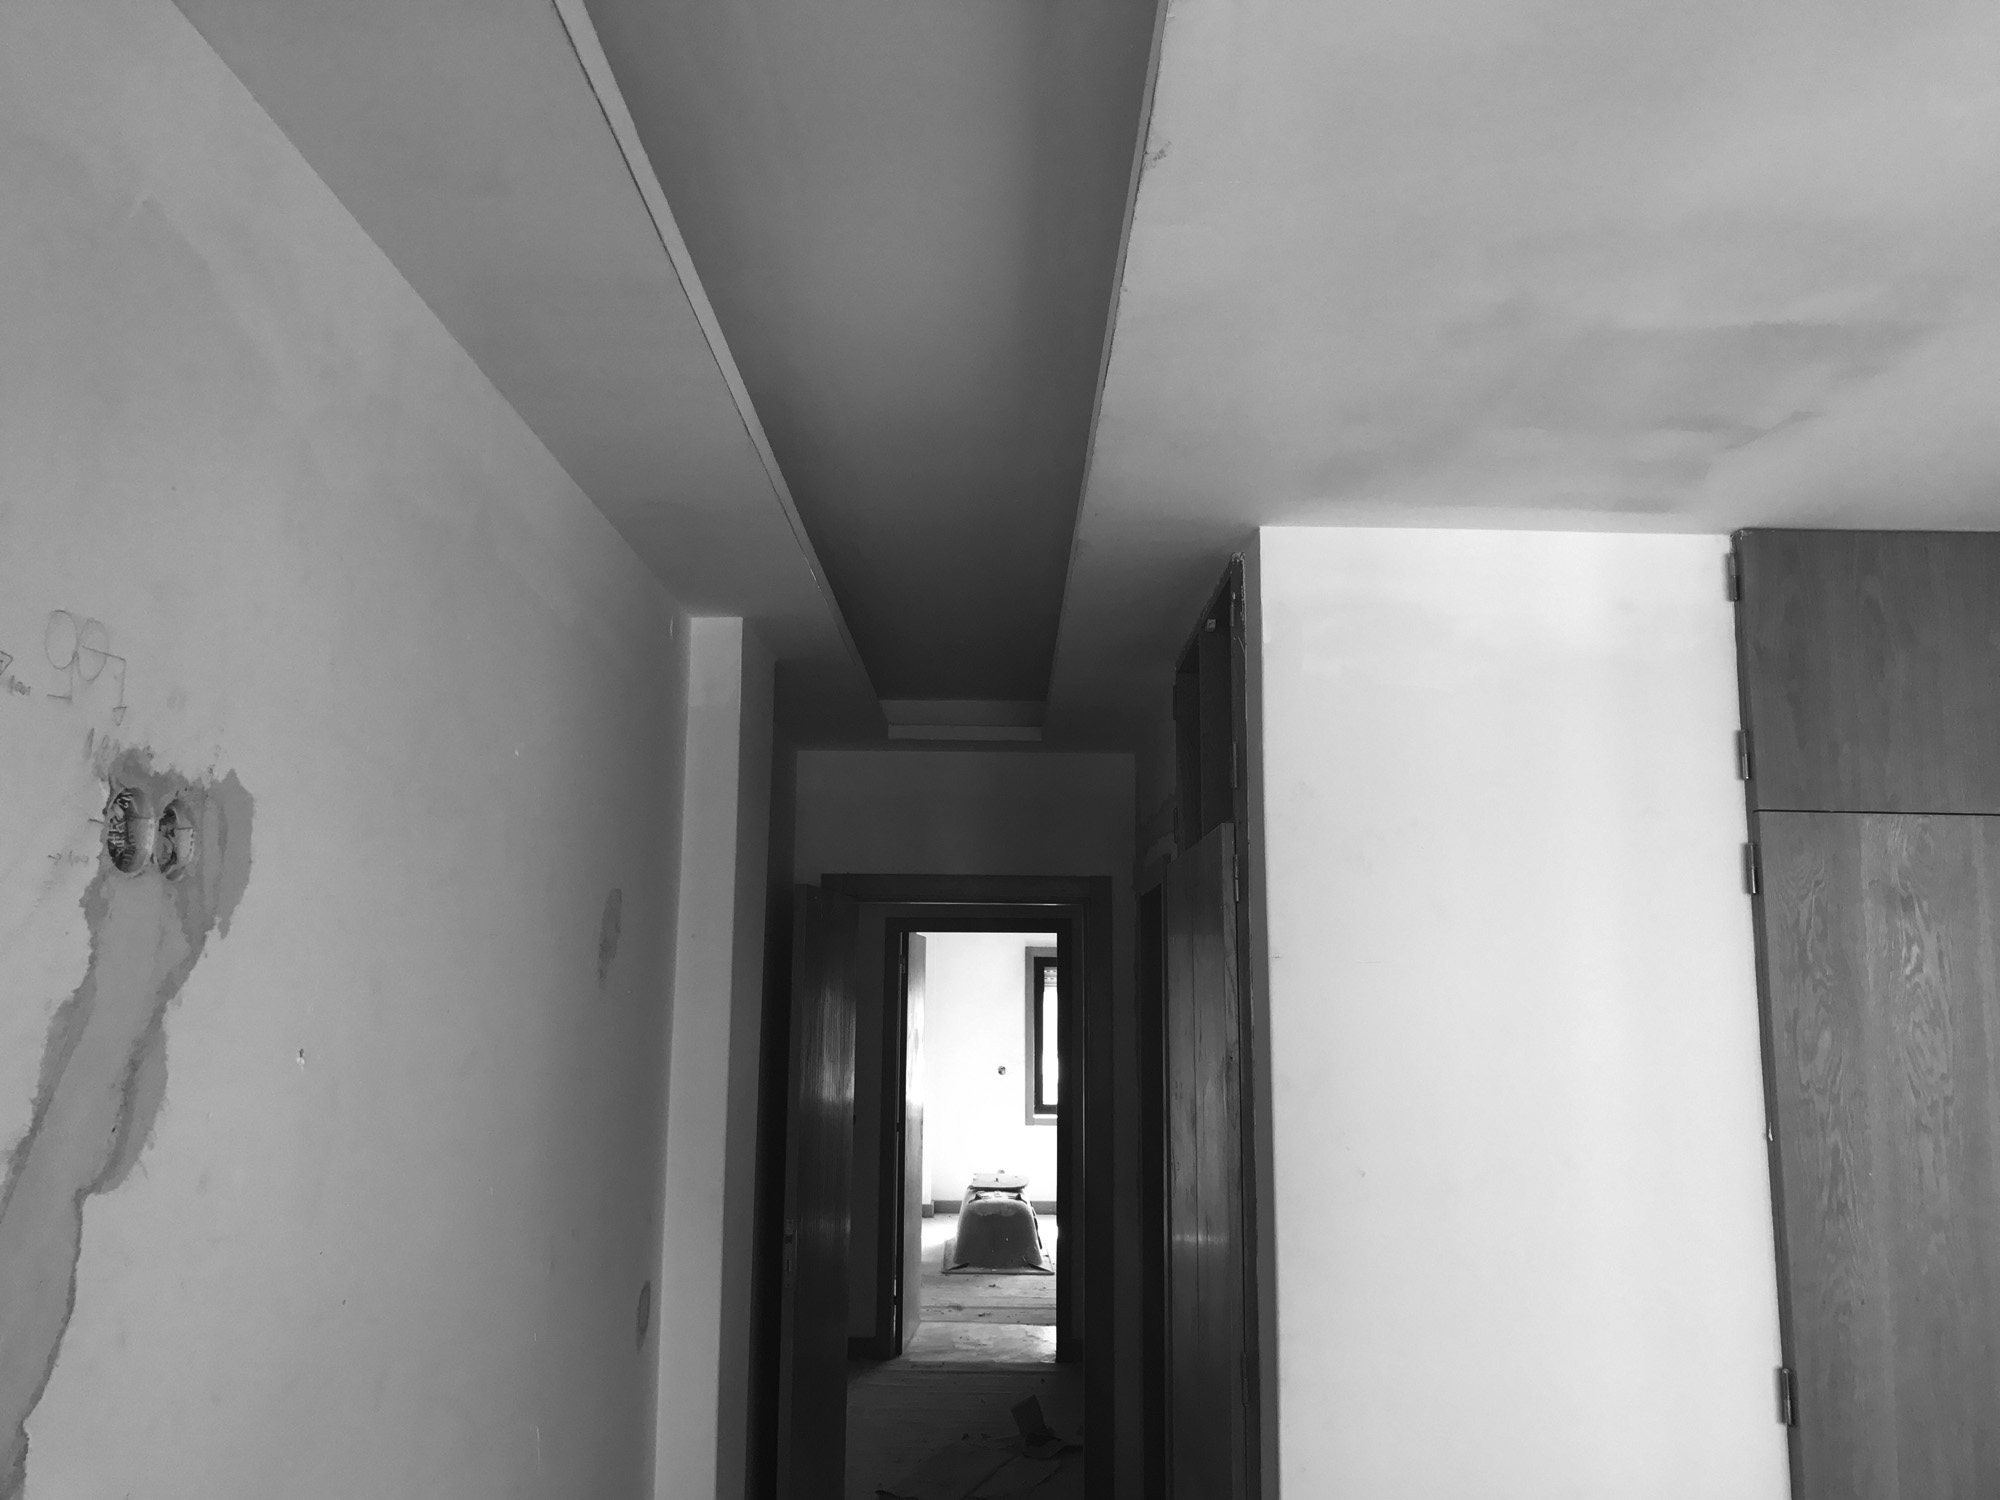 Apartamento Azul Farol - Porto - EVA evolutionary architecture - EVA atelier - Arquitecto - Remodelação (1).jpg